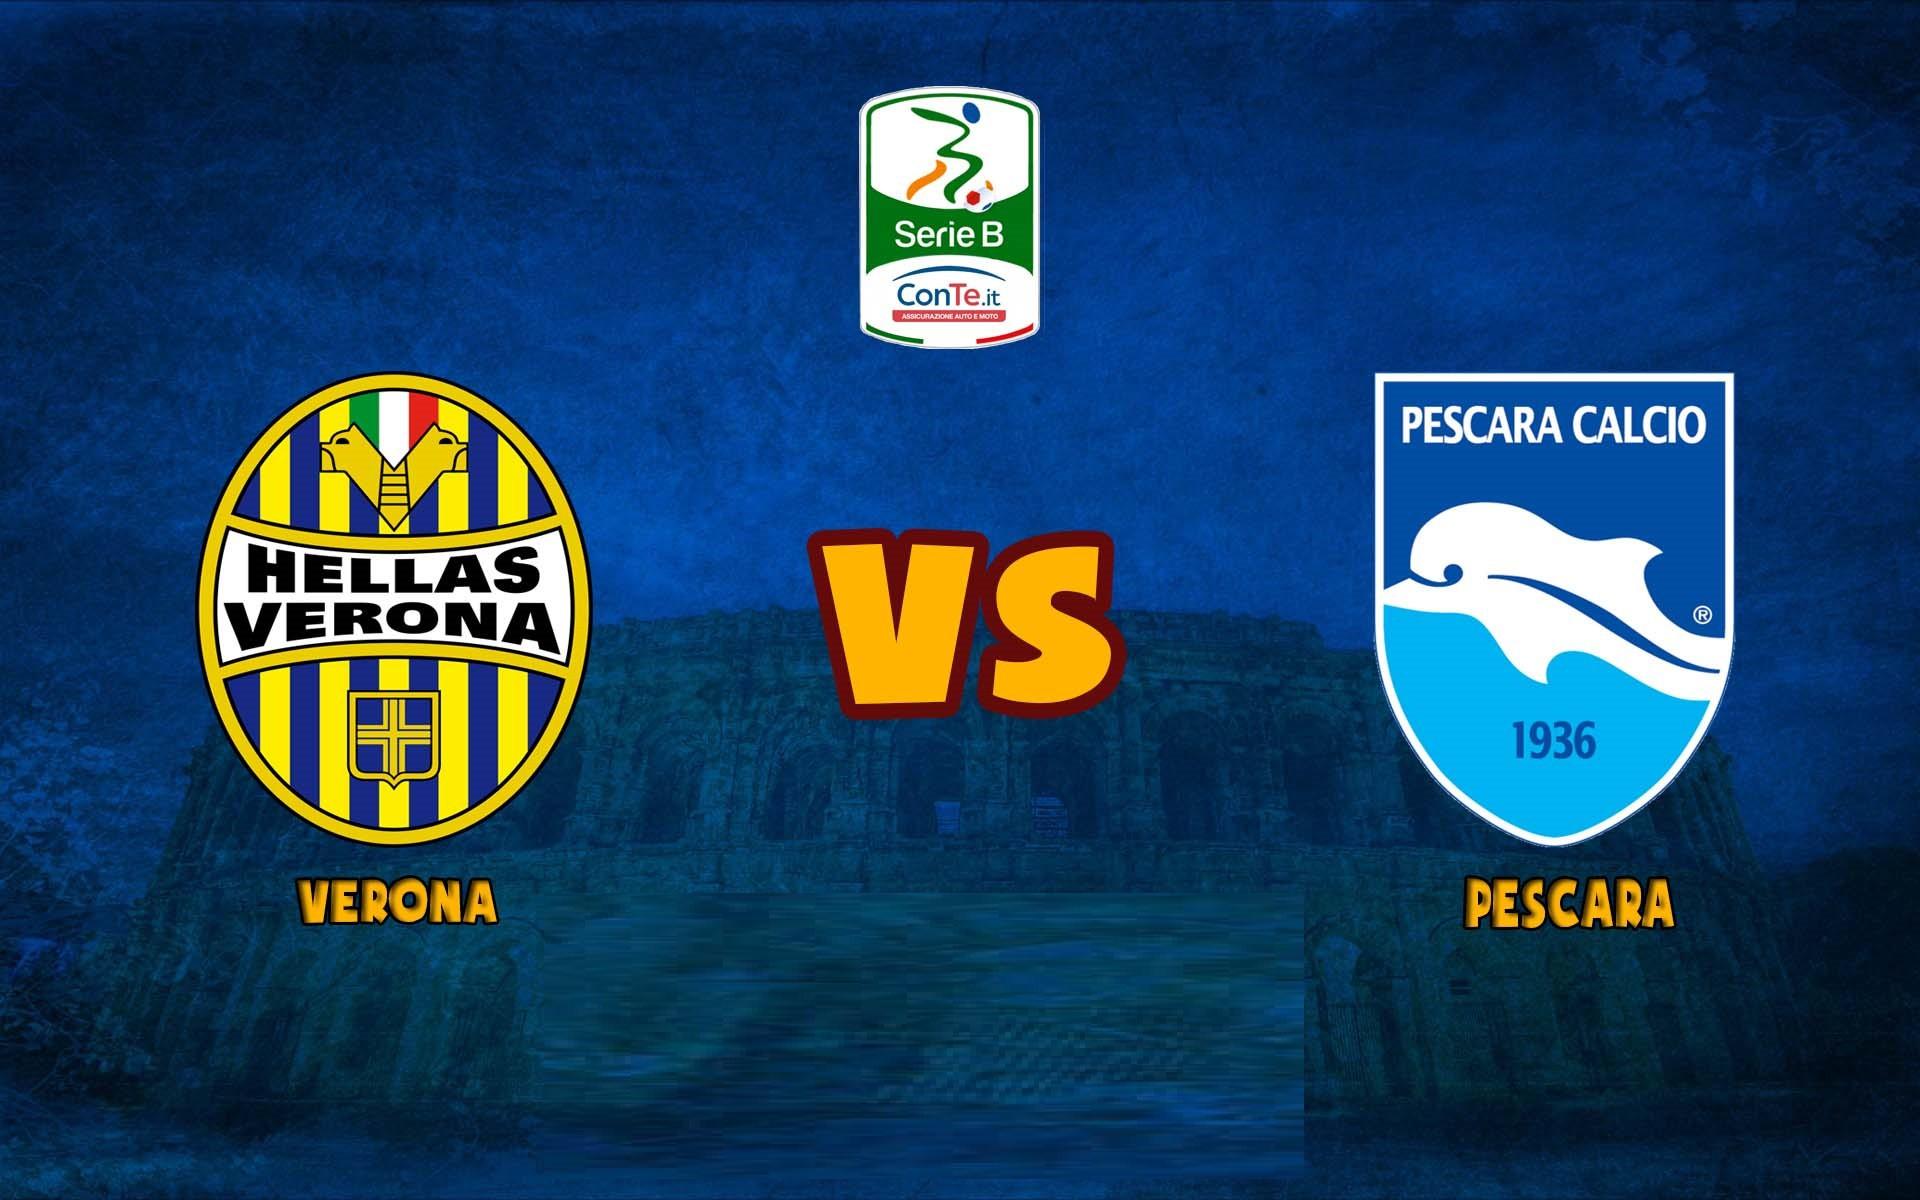 Nhận định Verona vs Pescara (2h00, 23/5) Play-offs lên hạng Serie A: Cơ hội cho đội khách - Ảnh 1.